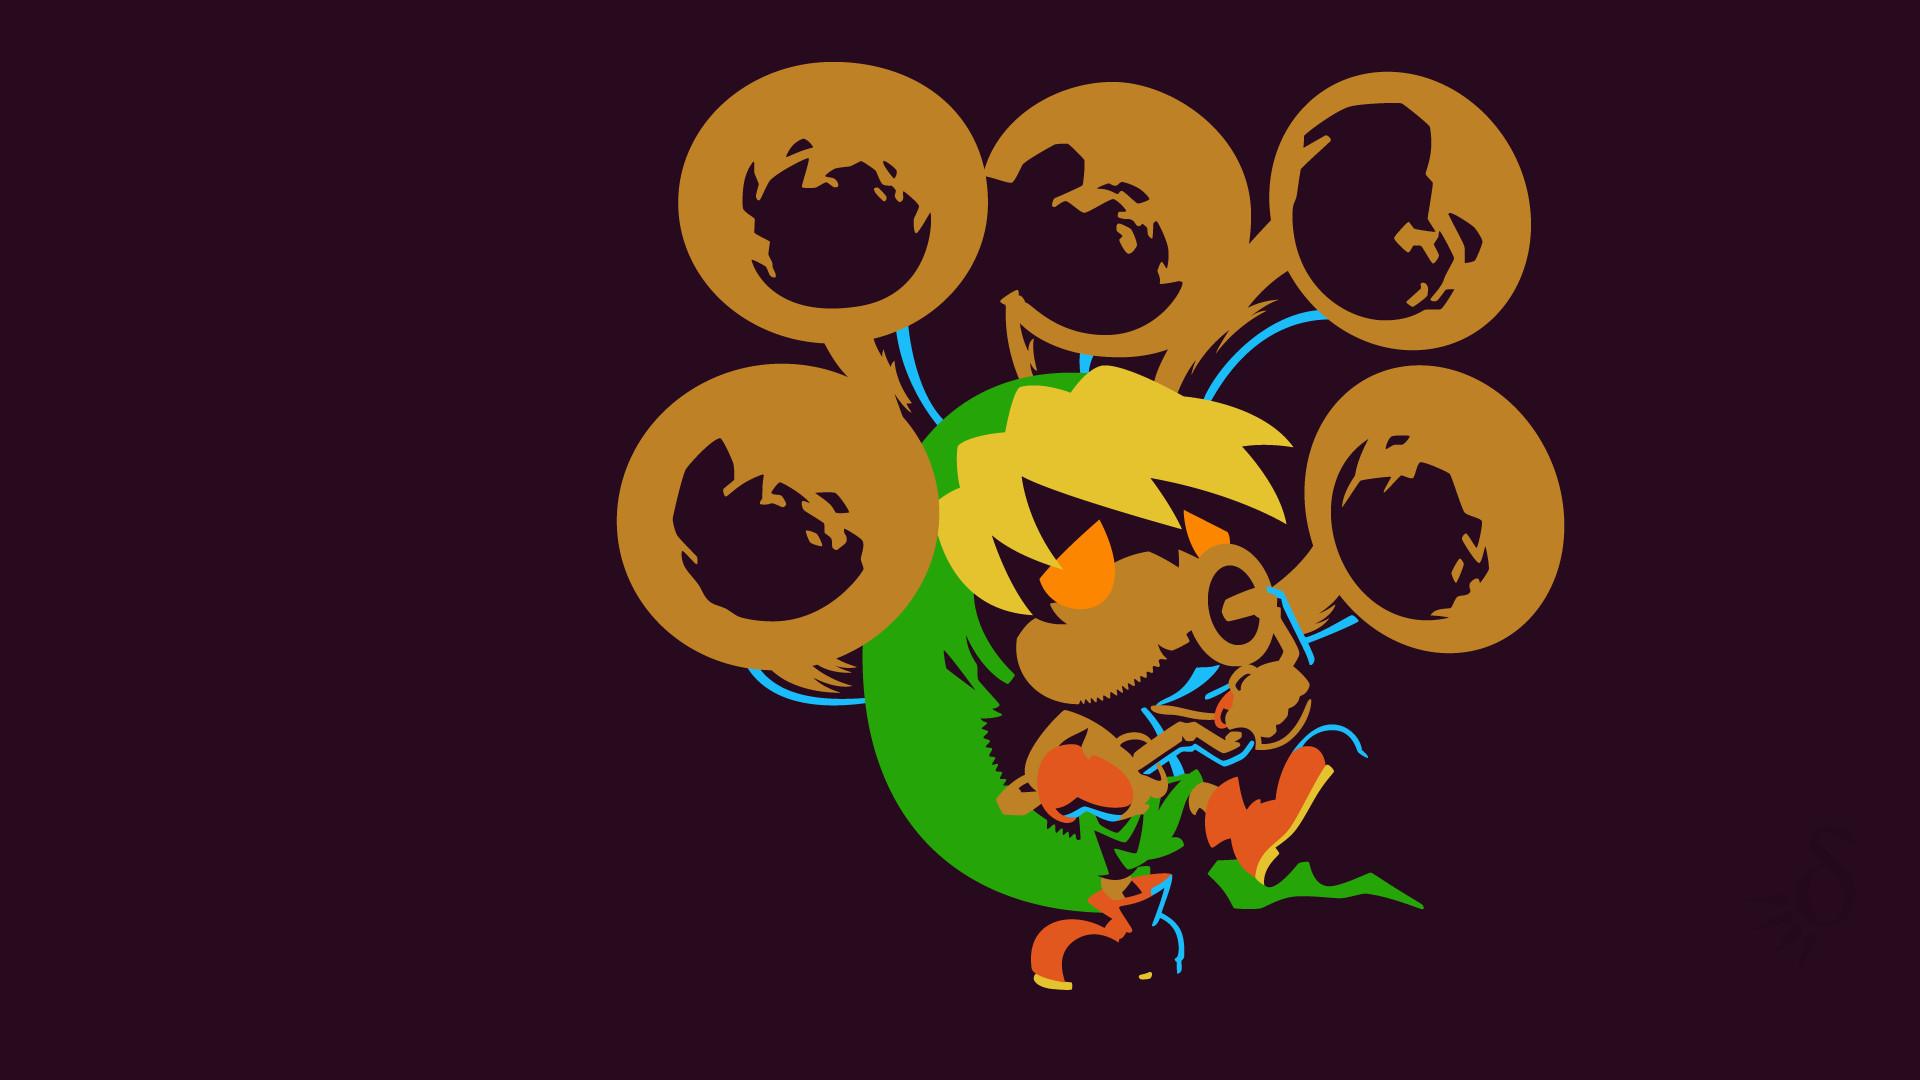 Video Game – The Legend Of Zelda: Majora's Mask Deku Link Link The Legend of